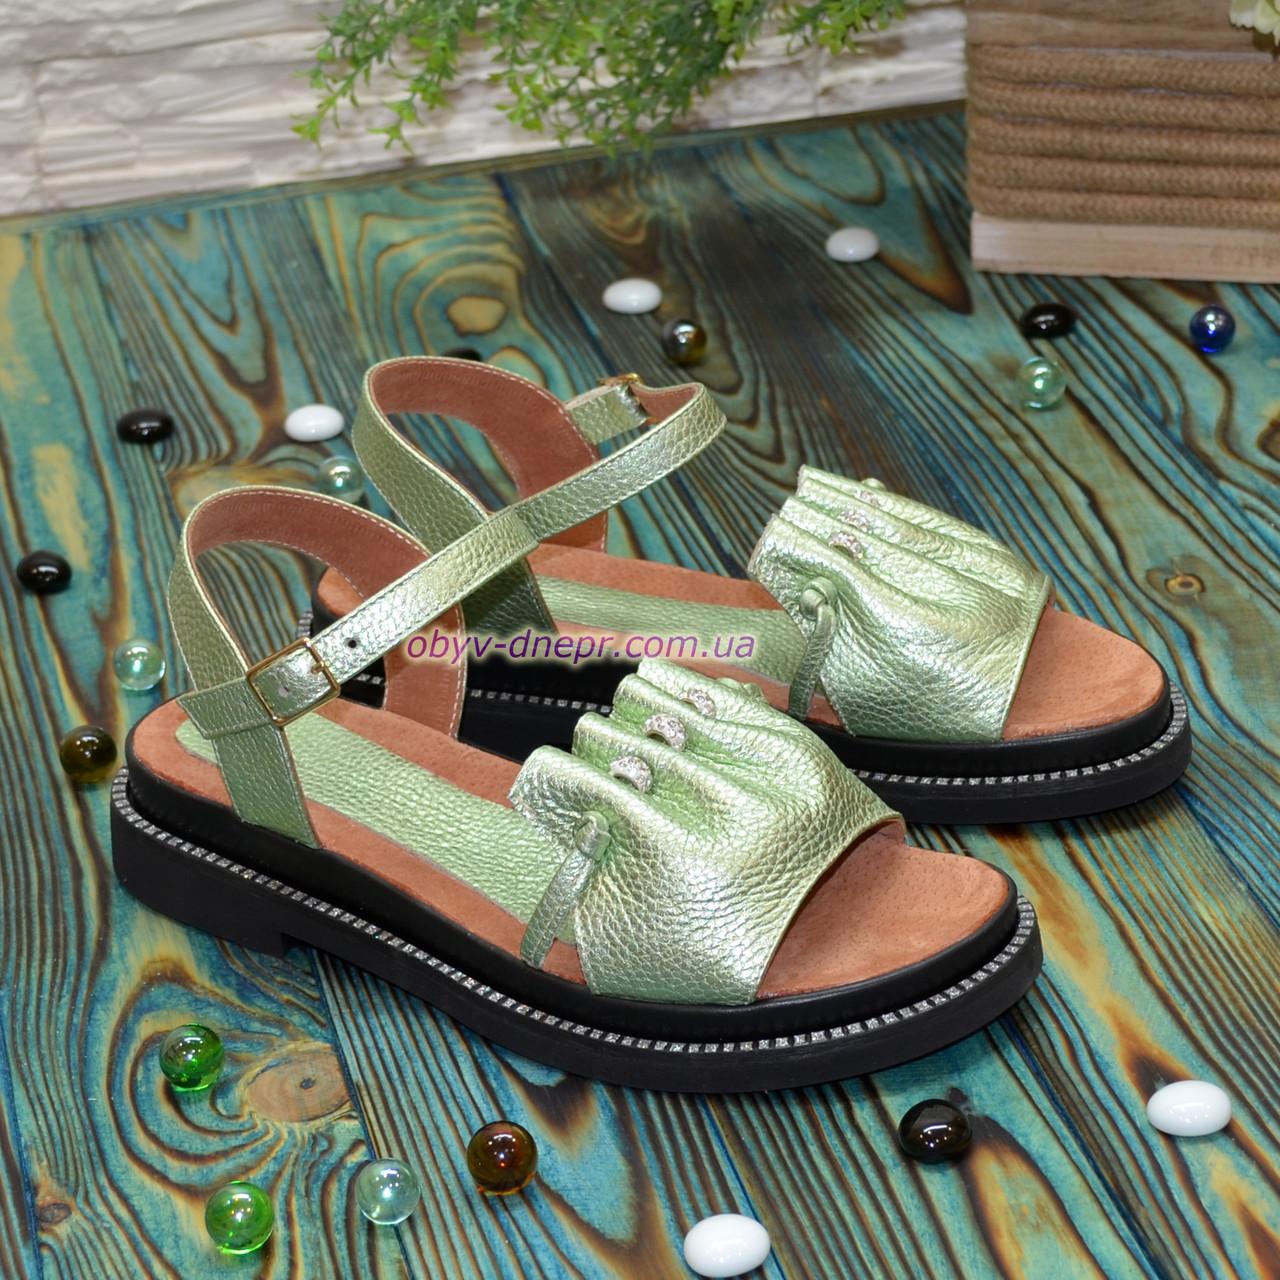 Стильные кожаные босоножки на утолщенной подошве, цвет салатовый